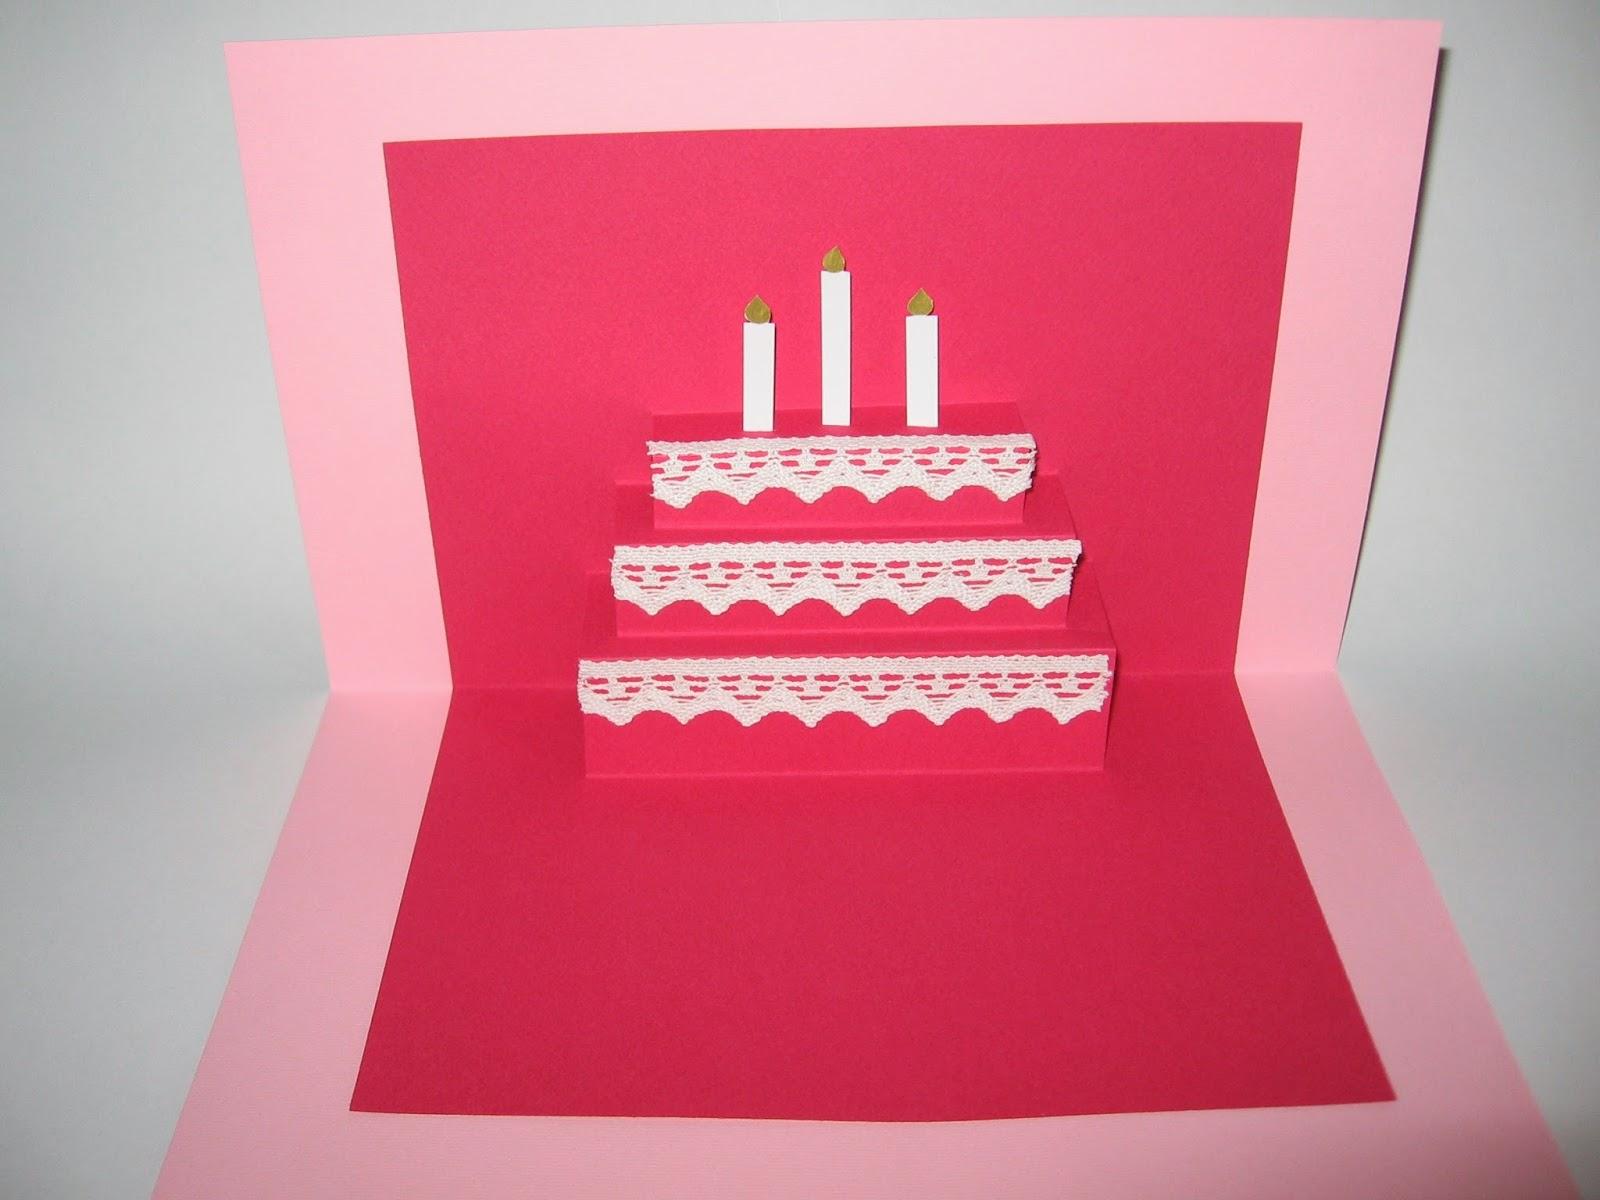 jak vyrobit přání k narozeninám Jak Vytvořit Přání   MuzicaDL jak vyrobit přání k narozeninám